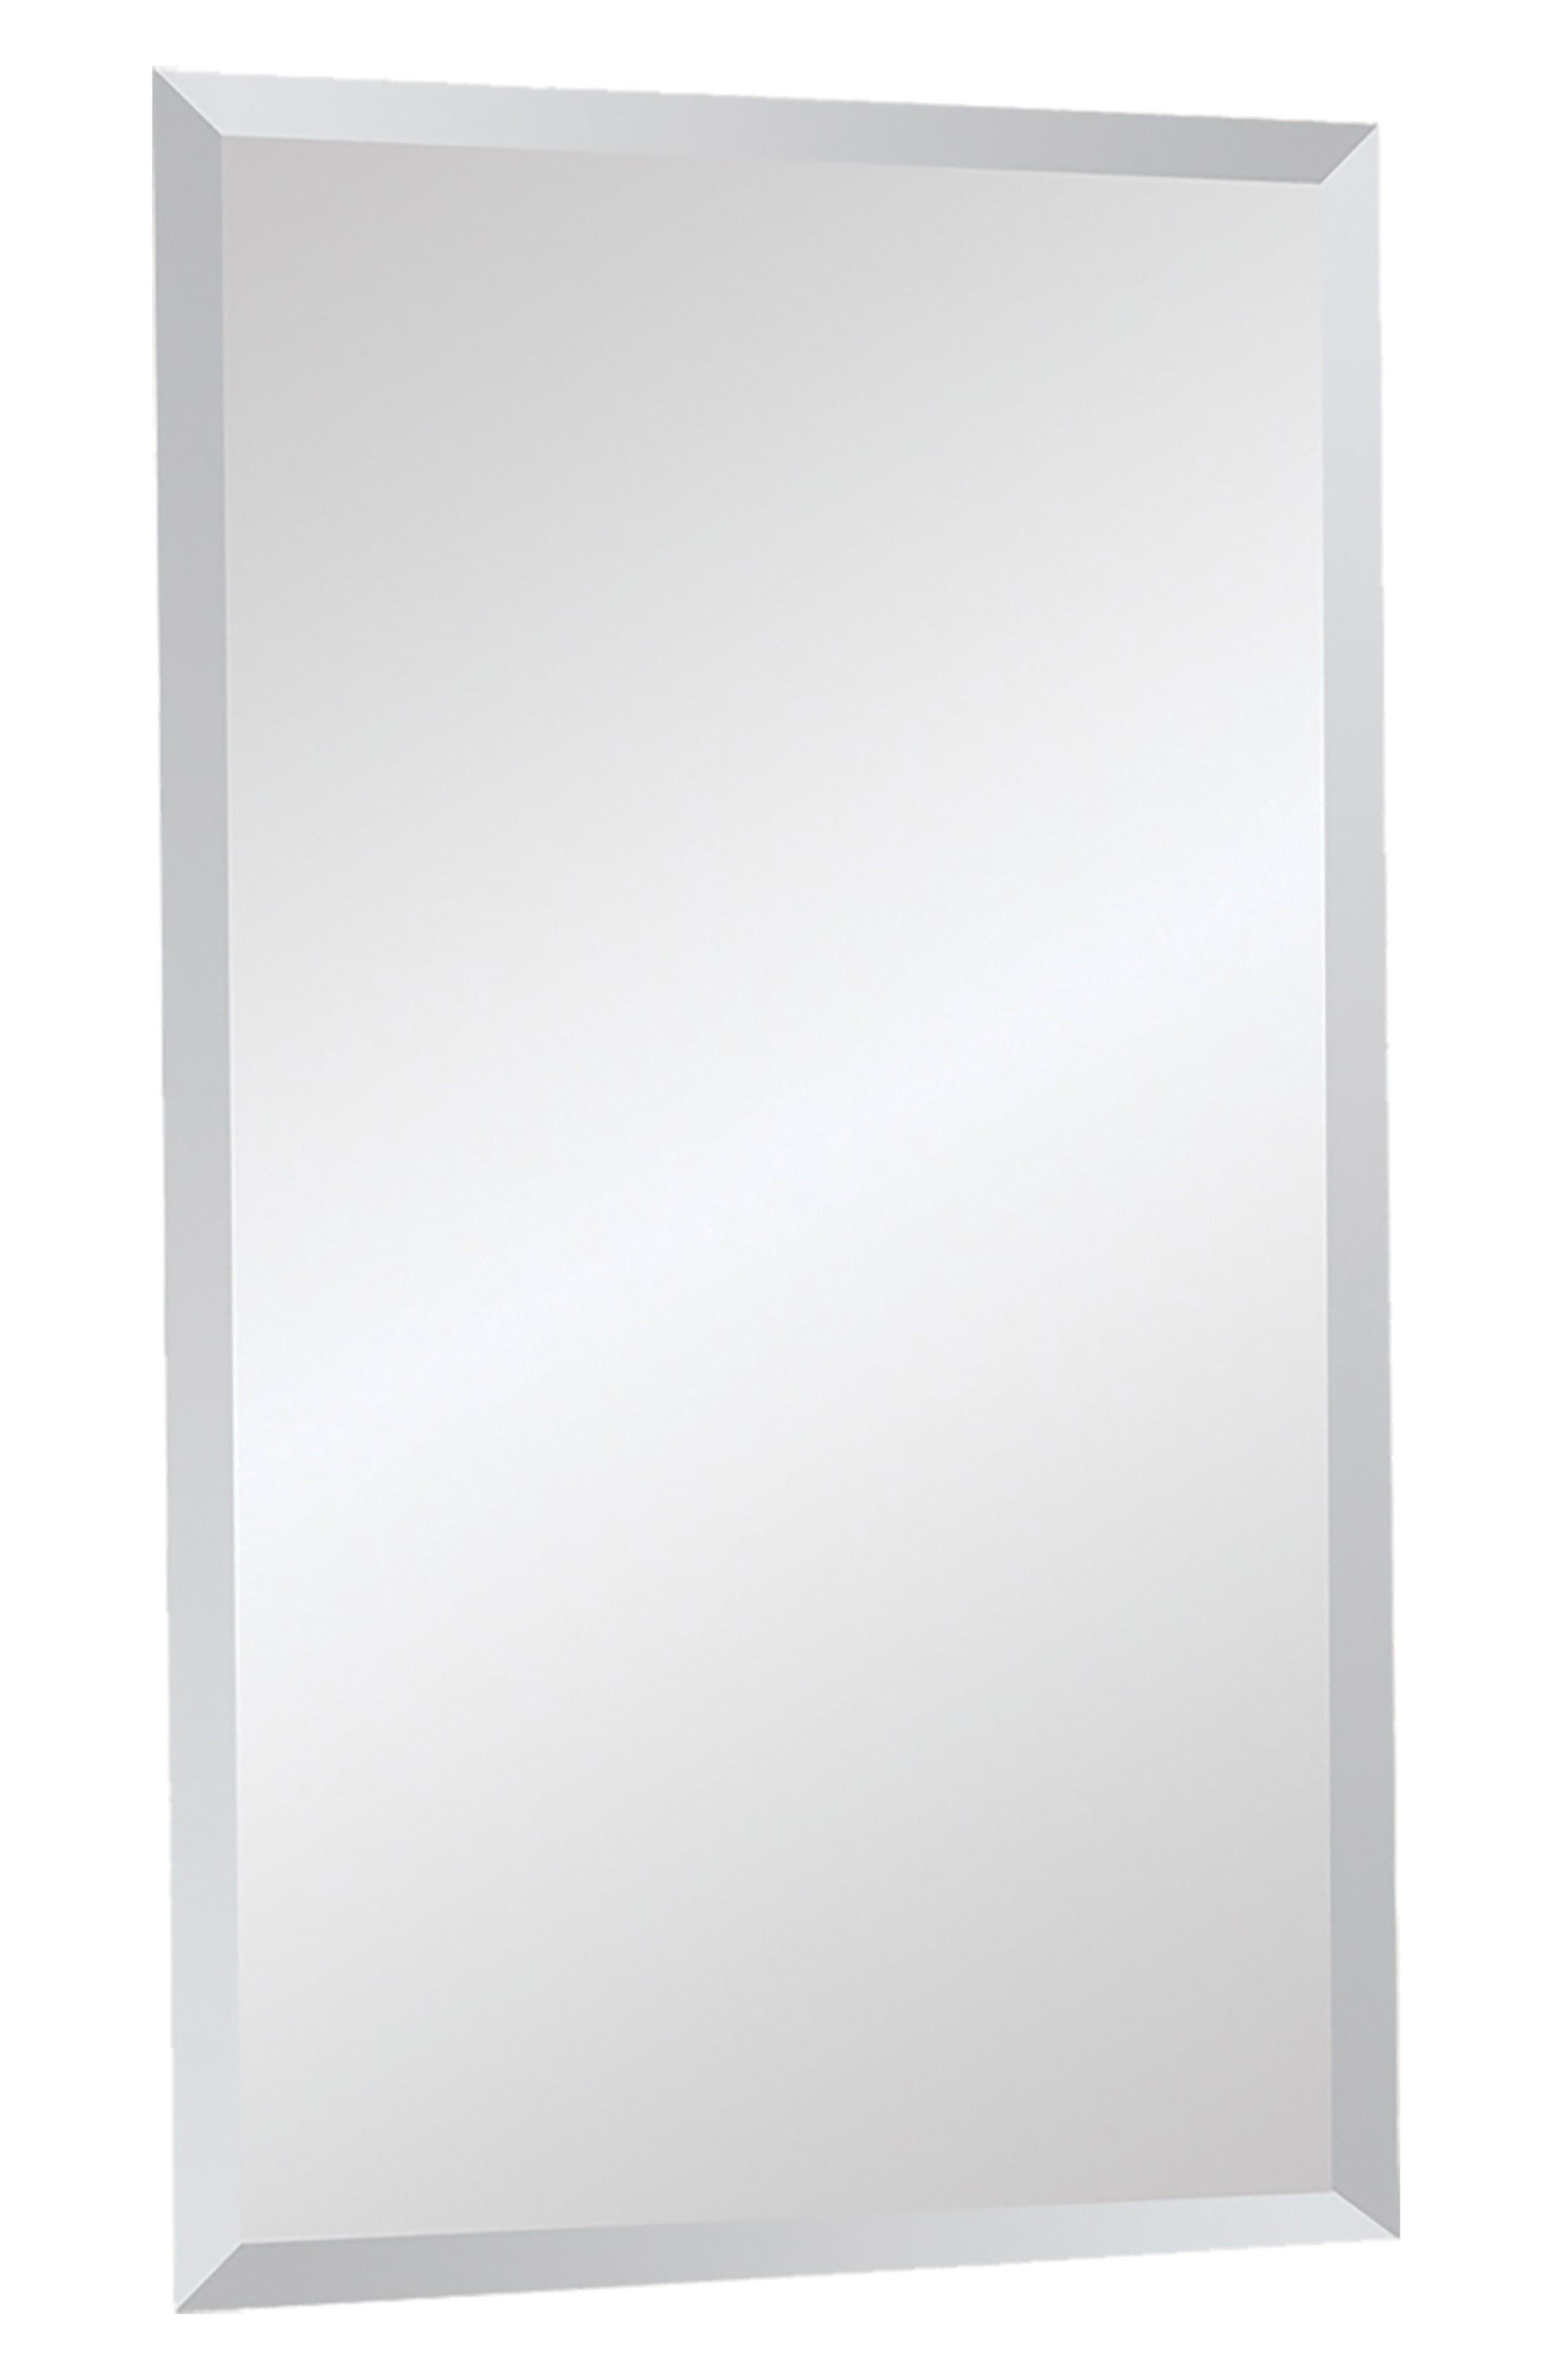 Alternate Image 1 Selected - Renwil Bjorn Mirror